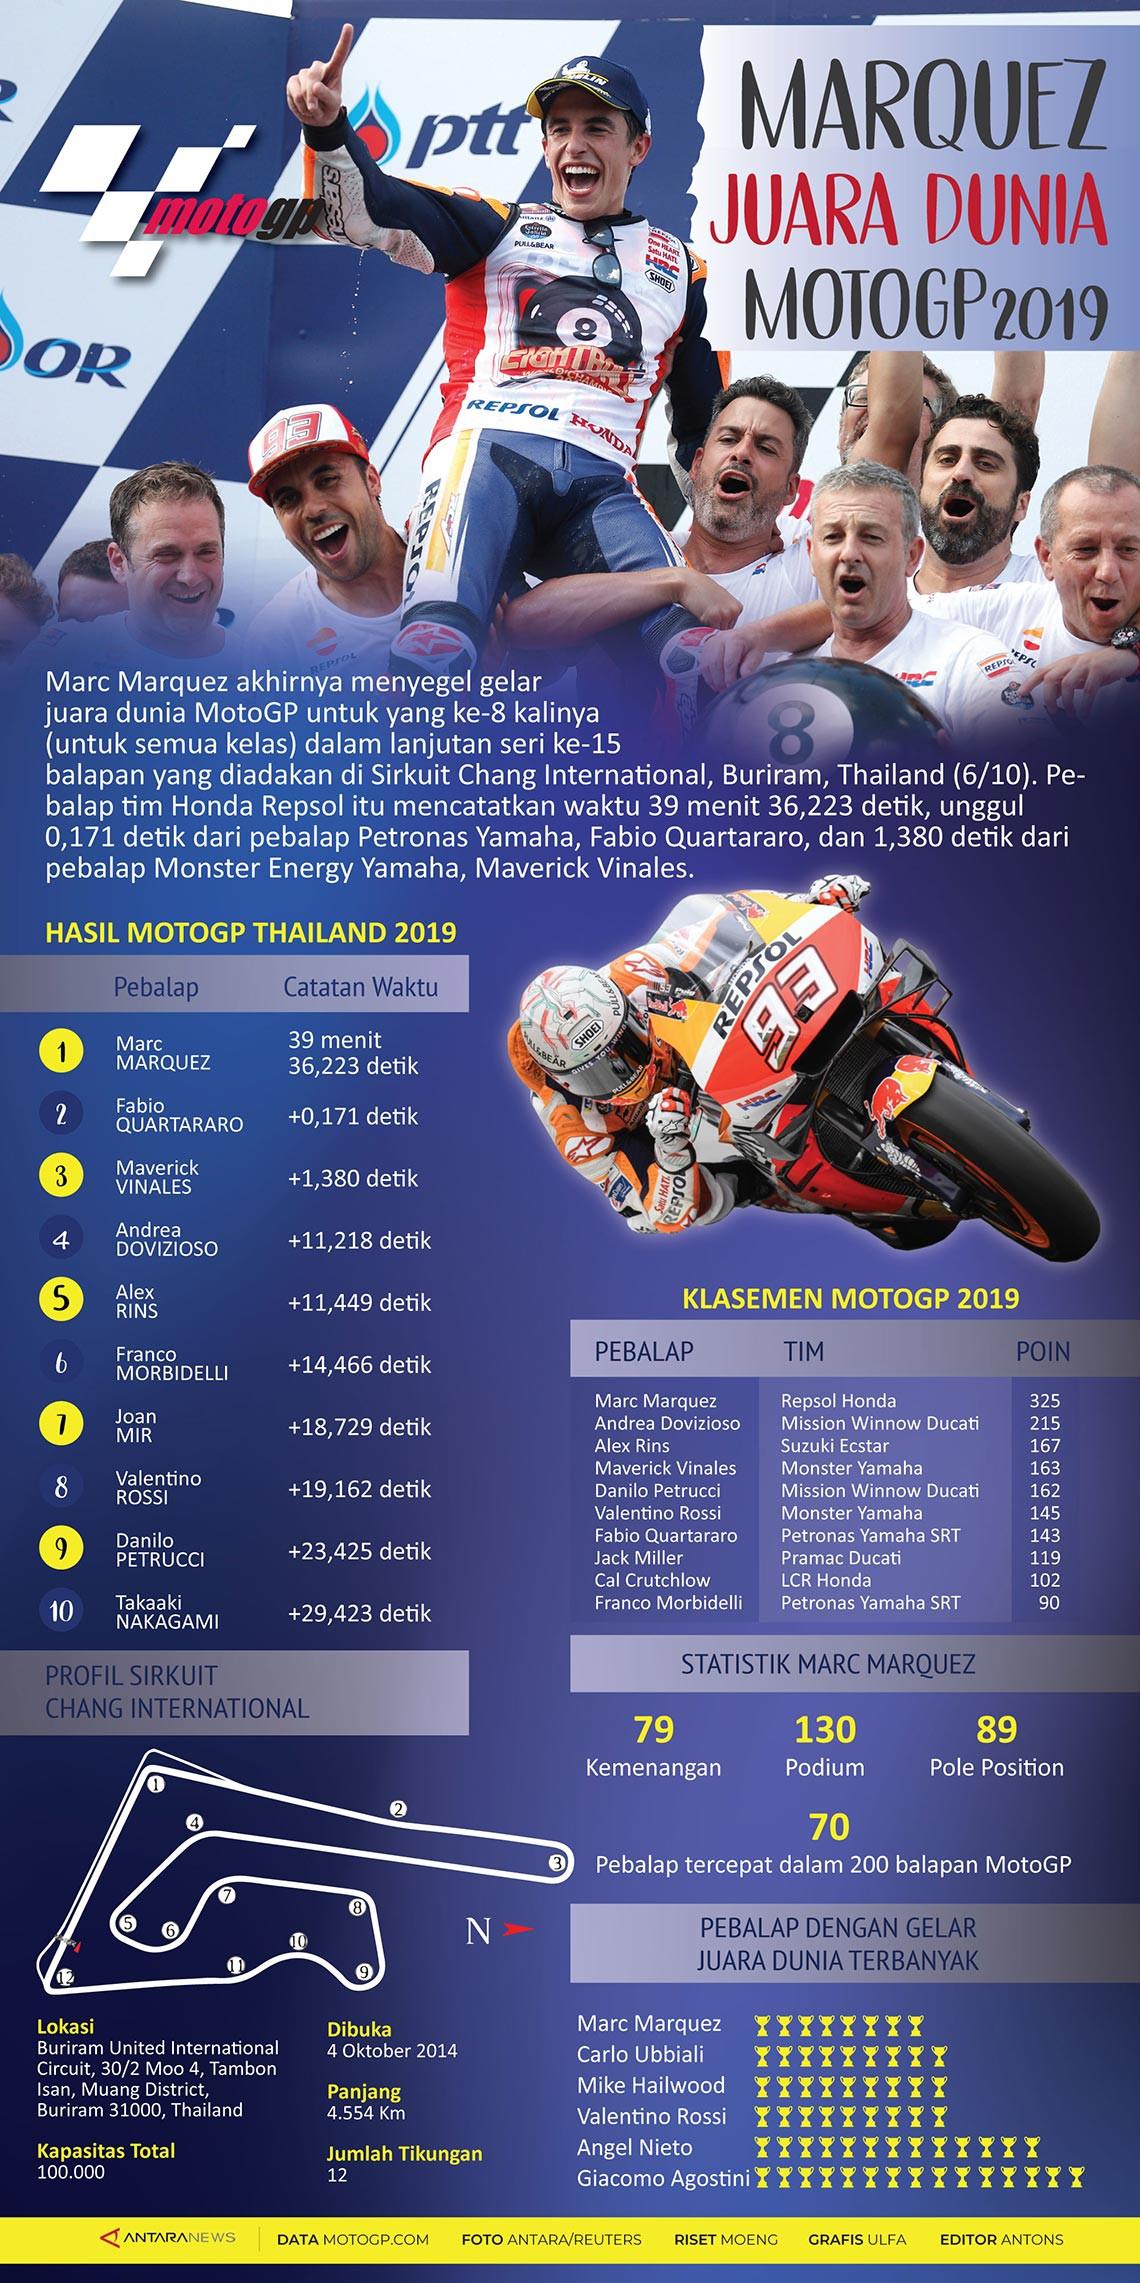 Marquez juara dunia MotoGP 2019